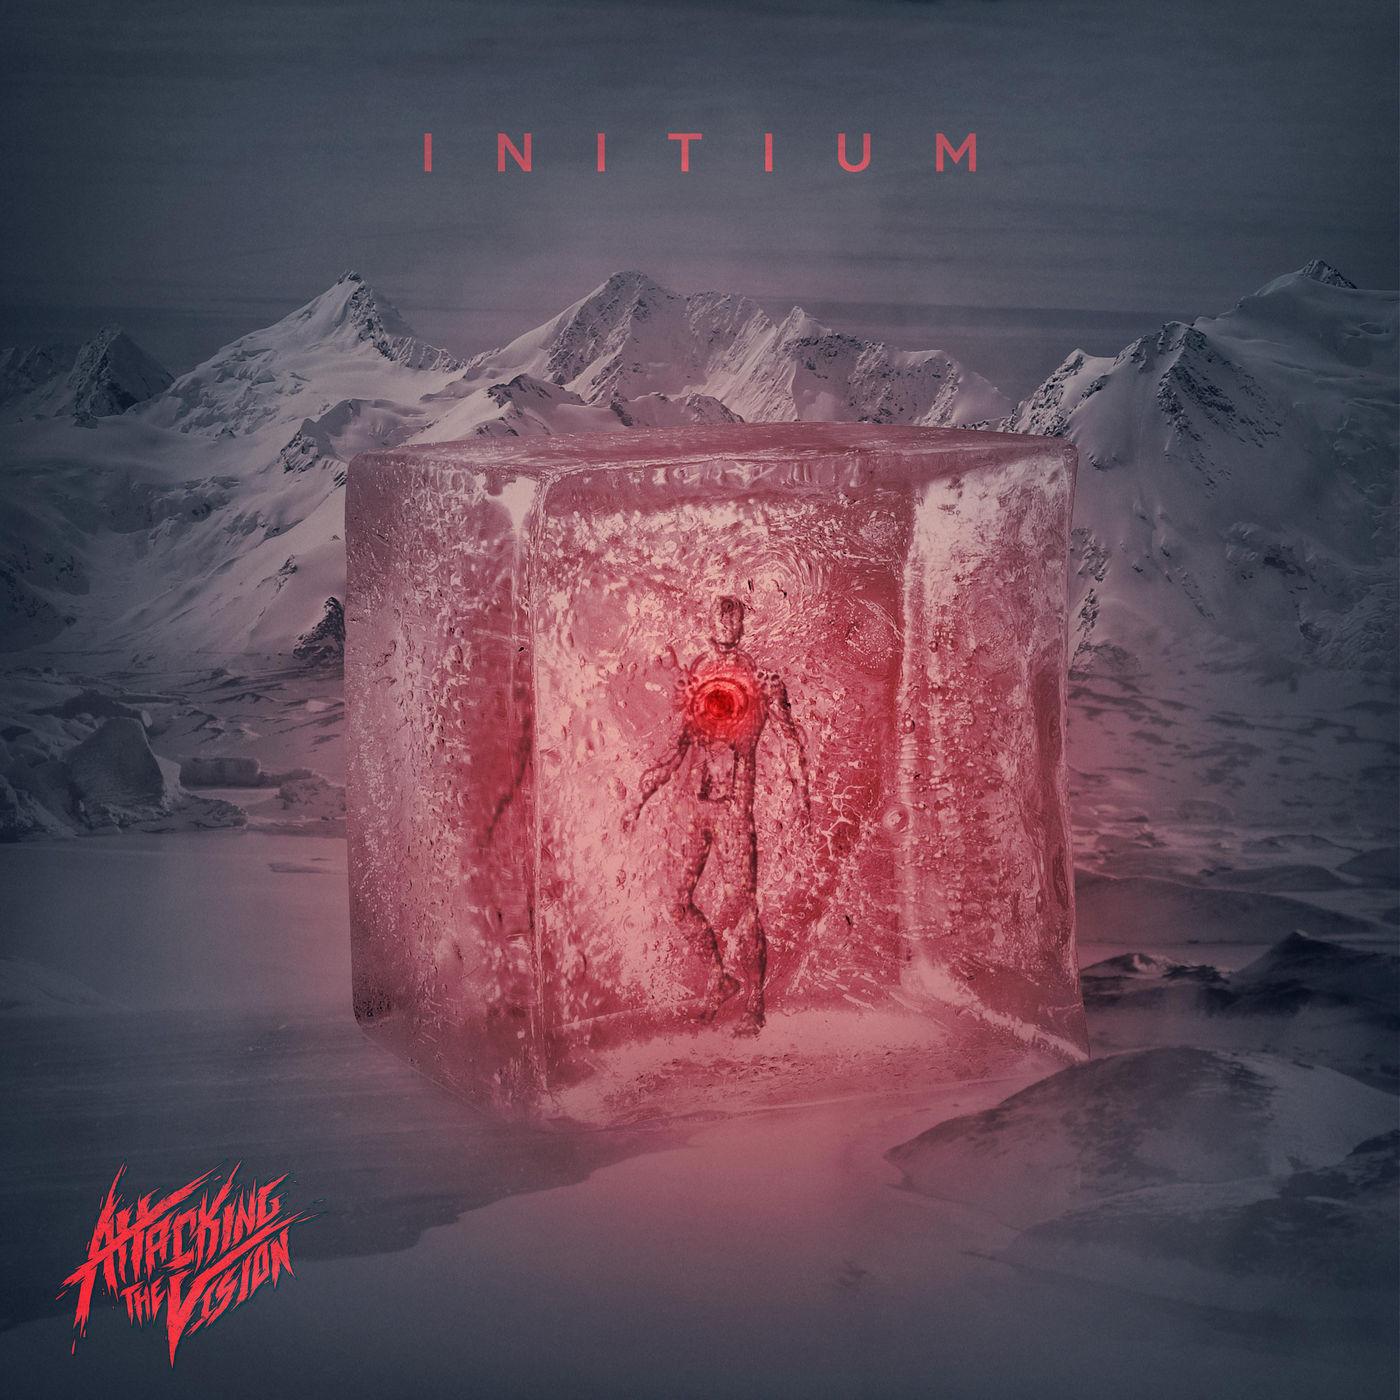 Attacking the Vision - Forsaken [Single] (2019)